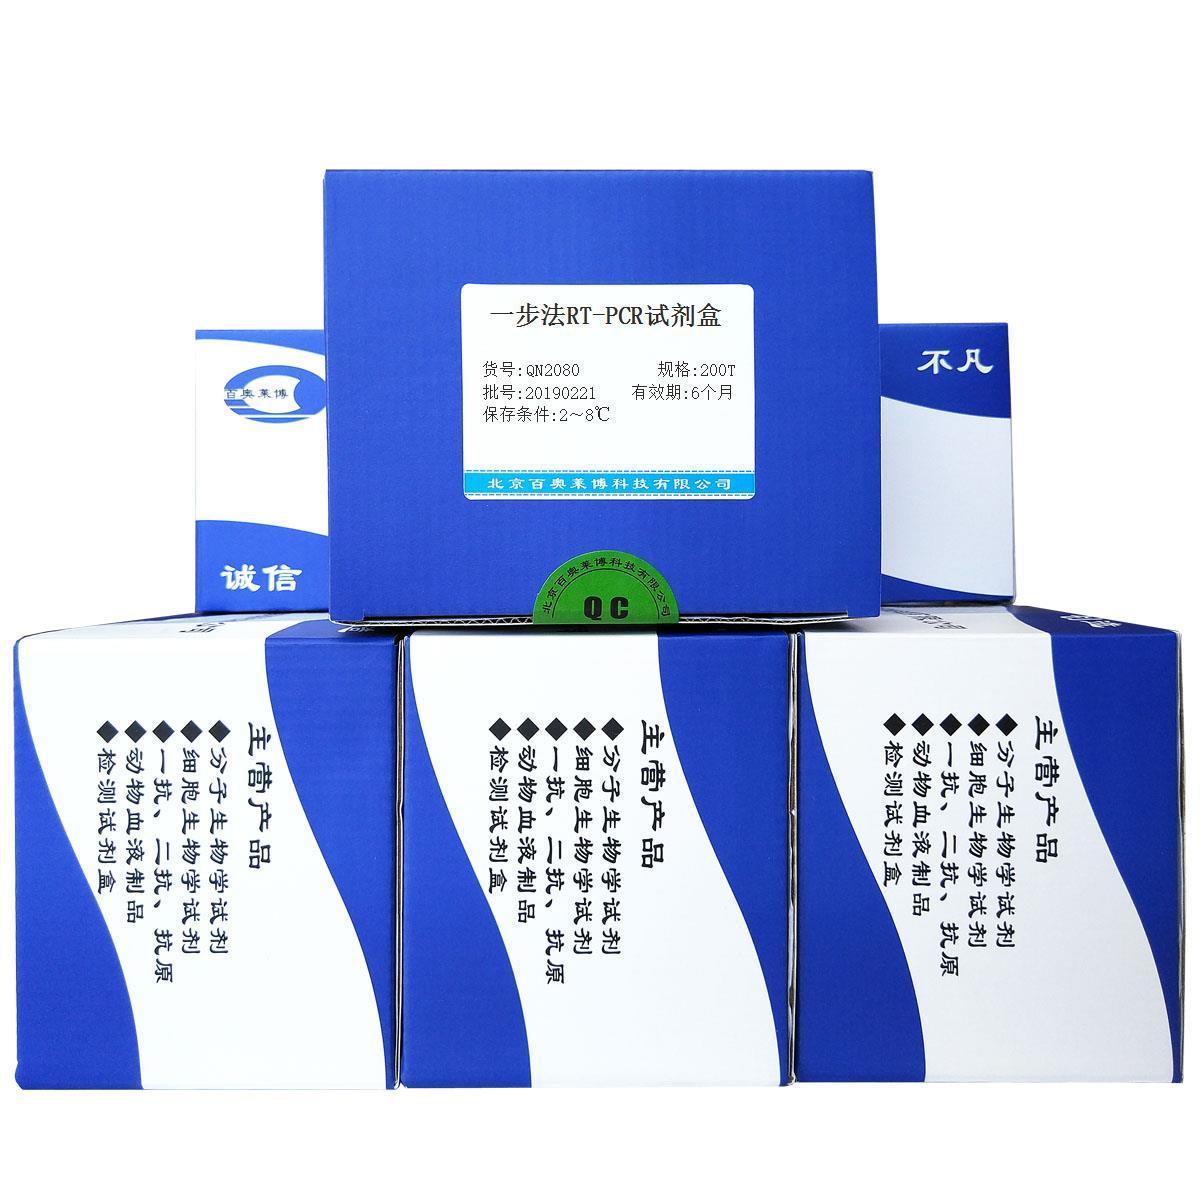 一步法RT-PCR试剂盒